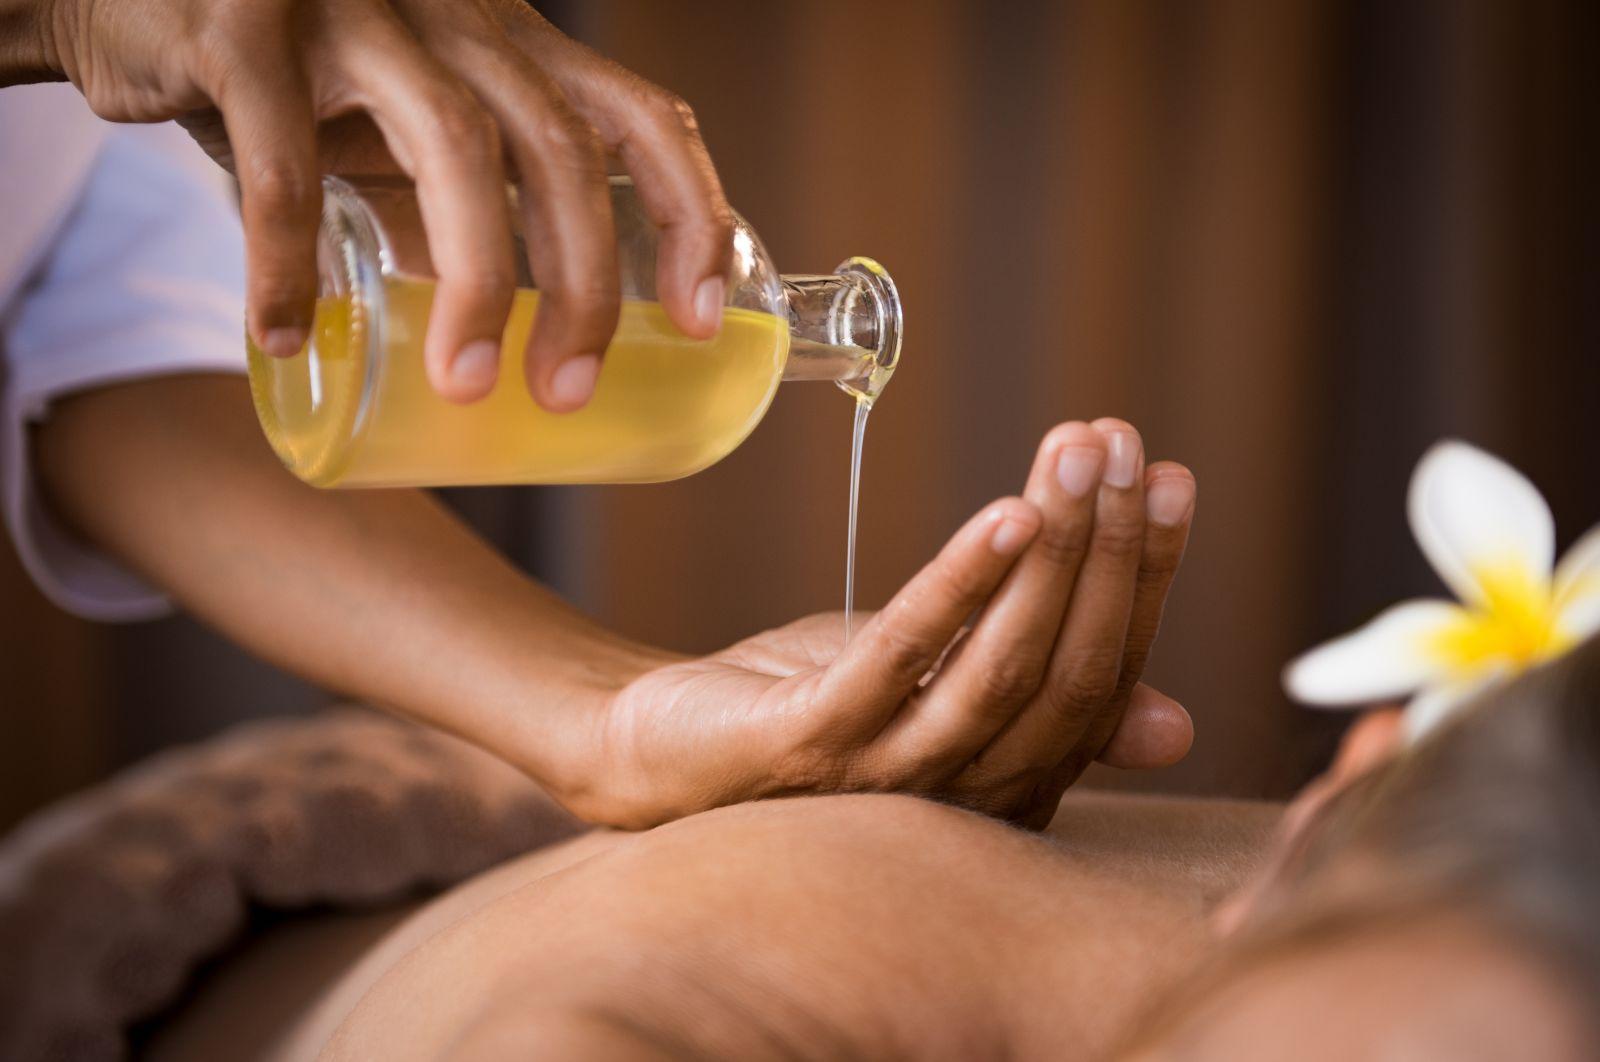 """Résultat de recherche d'images pour """"massage art du toucher noir et blanc"""""""